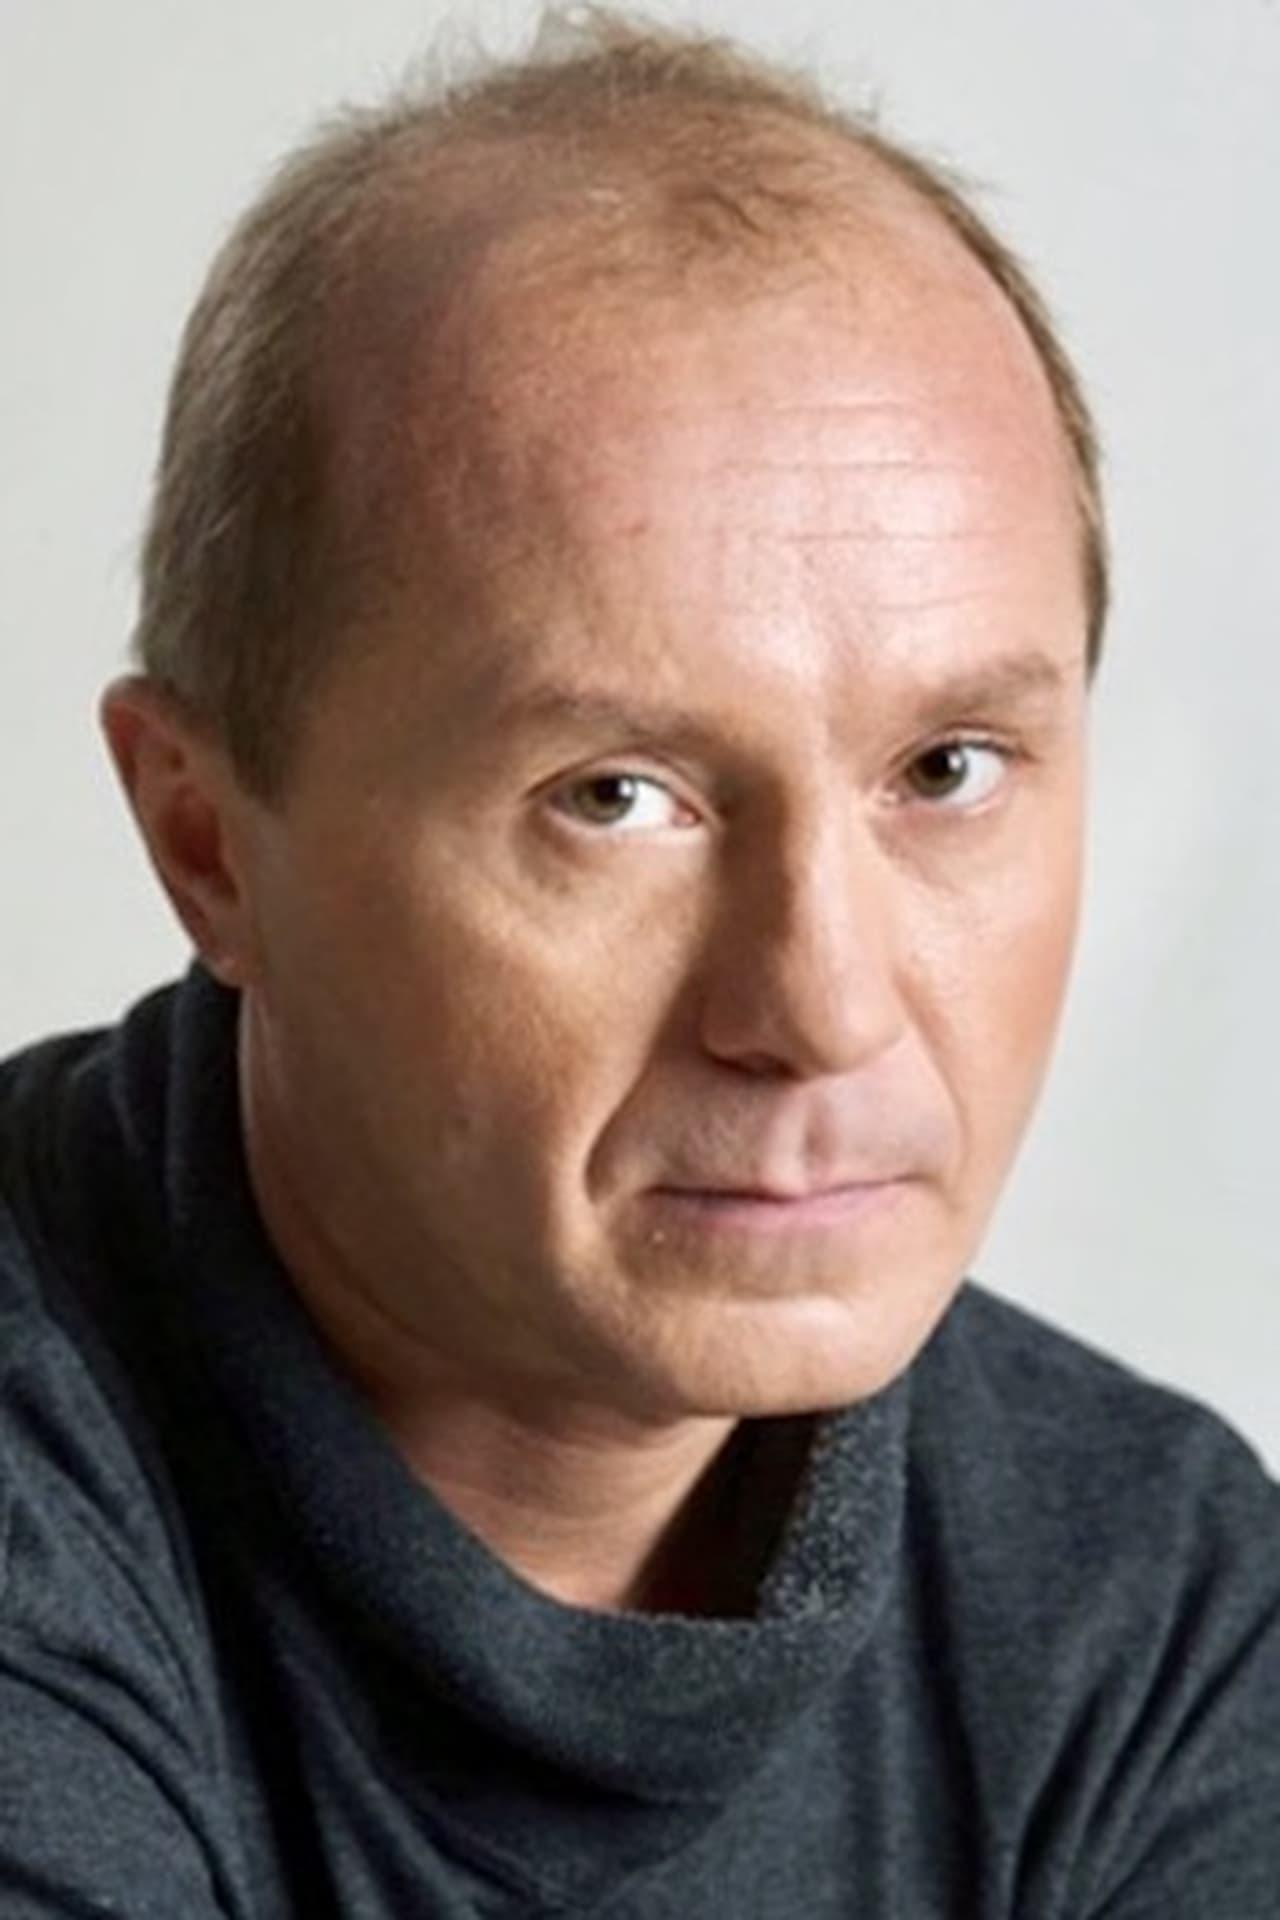 Andrei Panin isВалиев